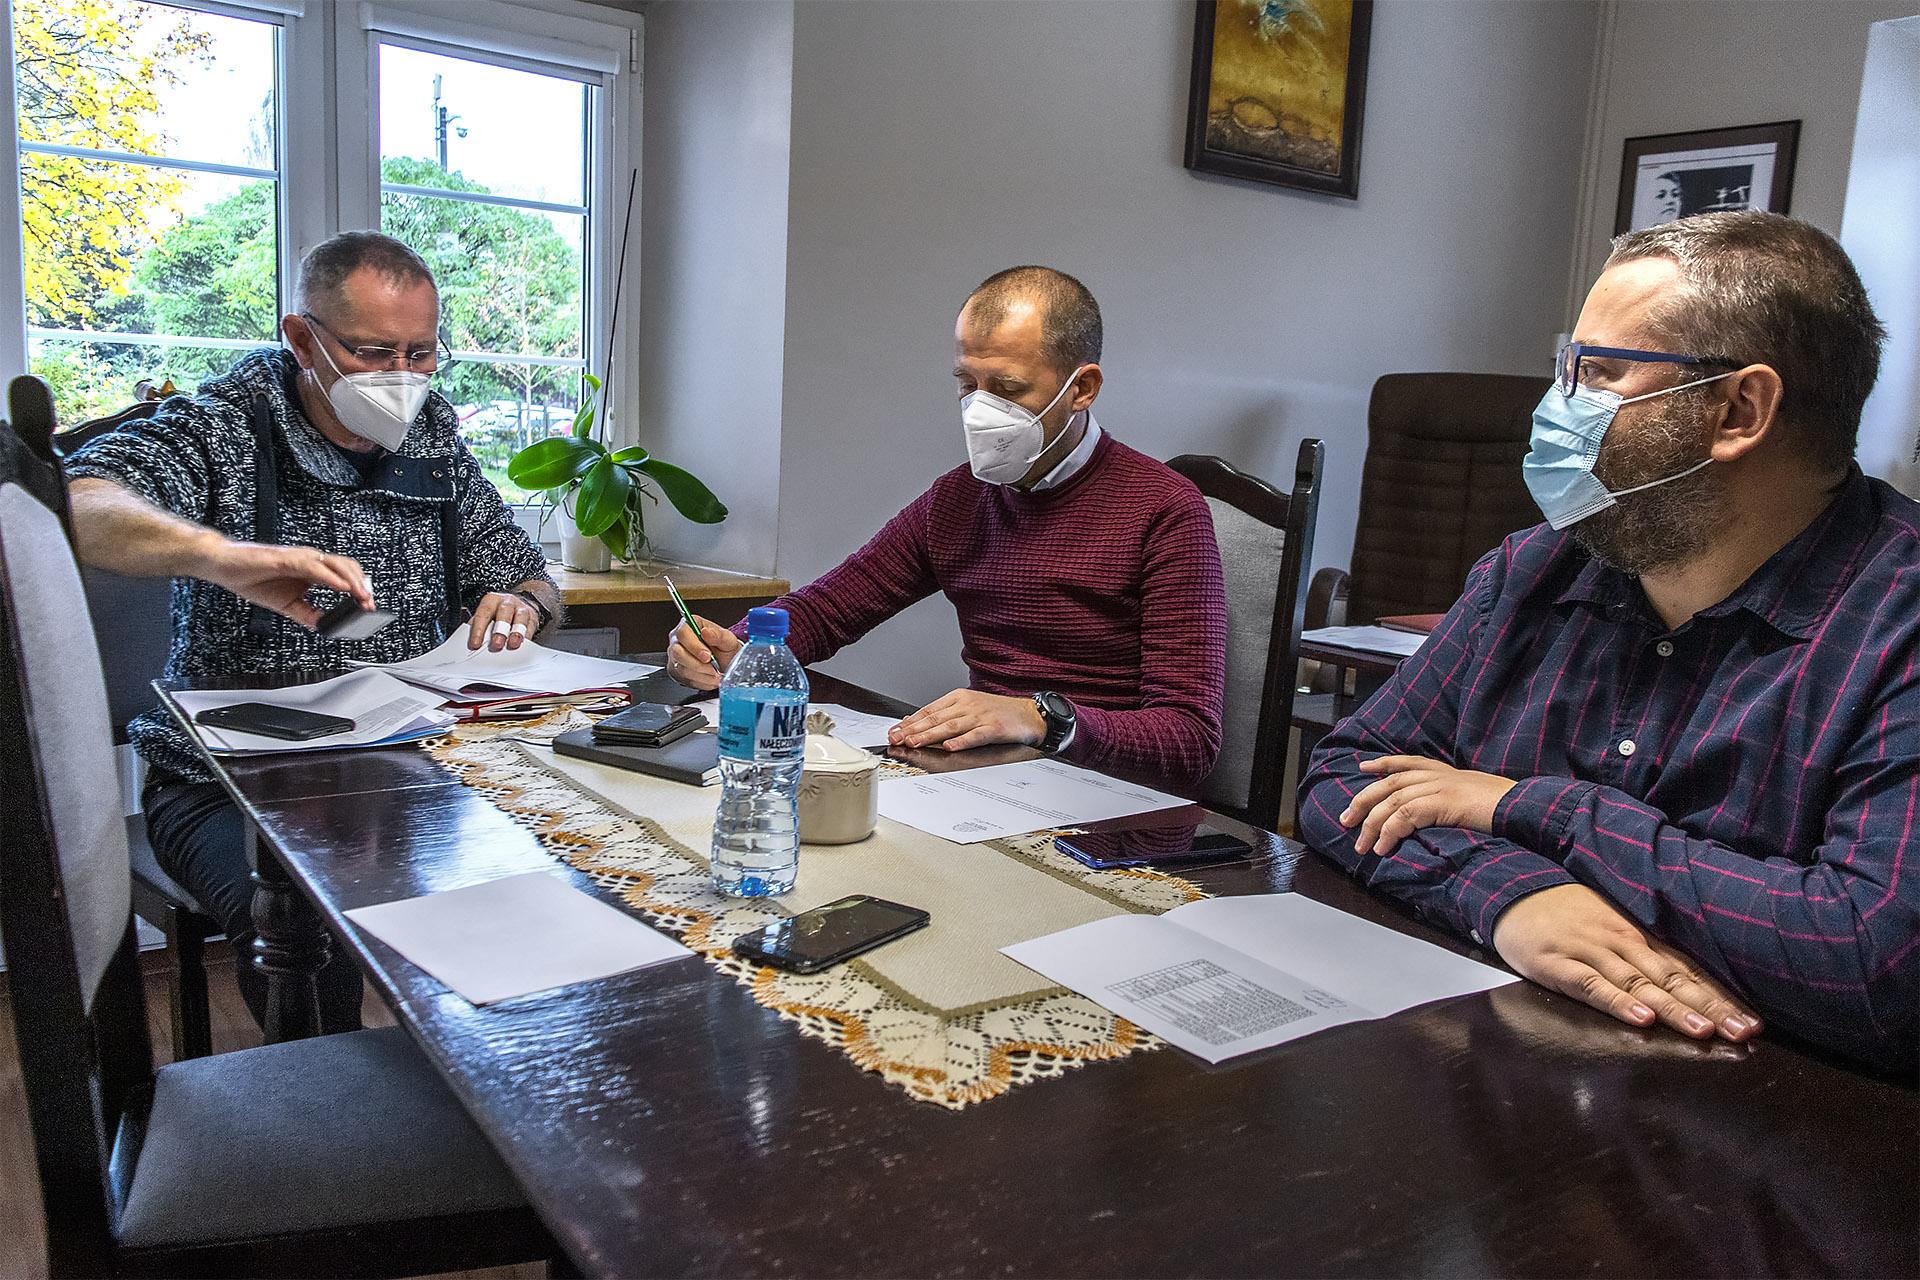 Targ Chryzantemowy w Pile. Poranna narada w RCK. 2 listopada 2020. Fot. Marcin Maziarz